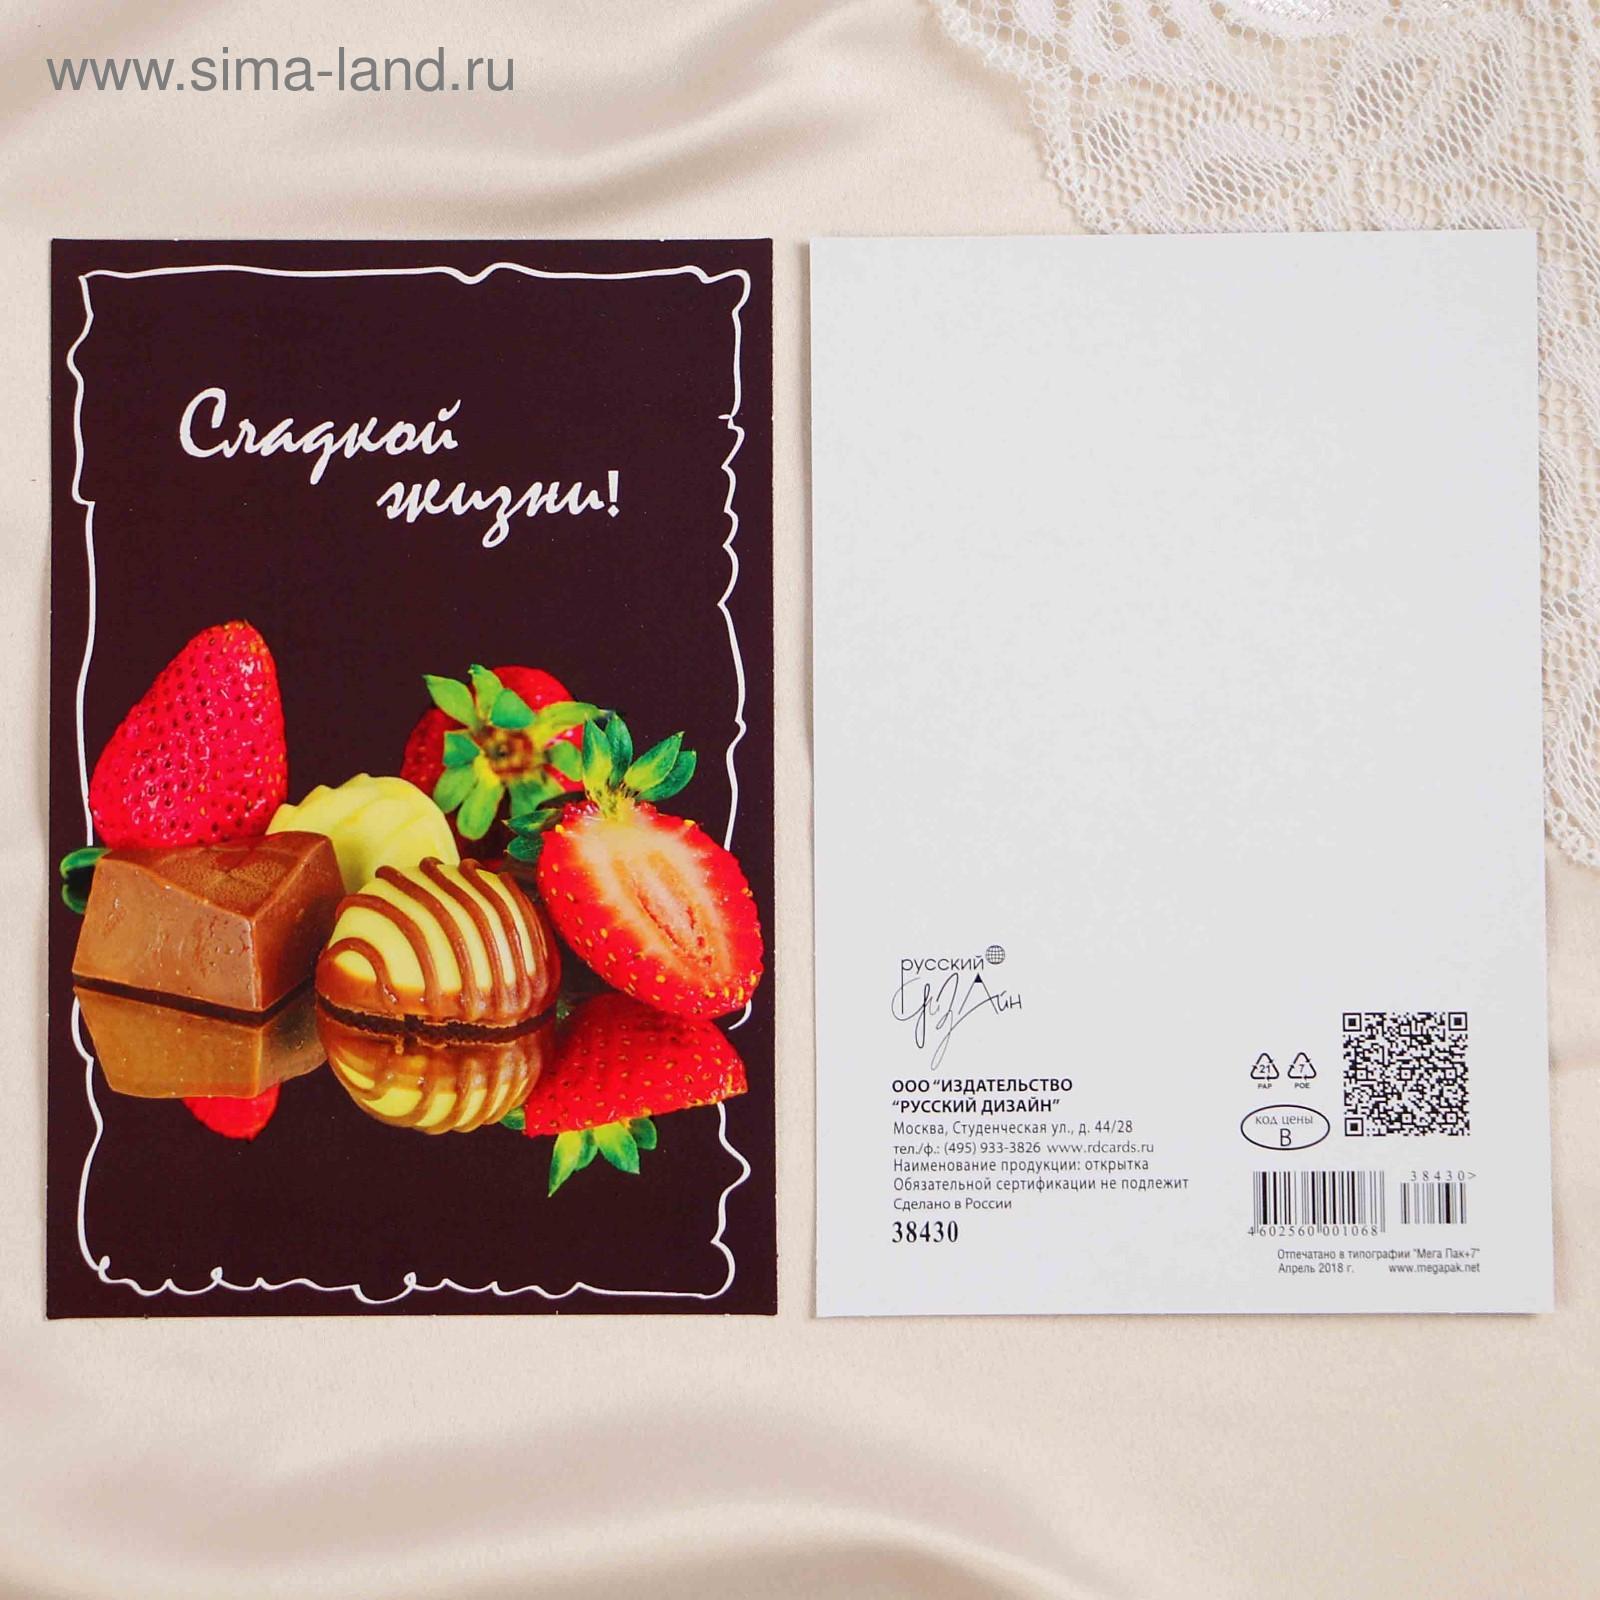 Ооо издательство русский дизайн открытки, днем анг картинка